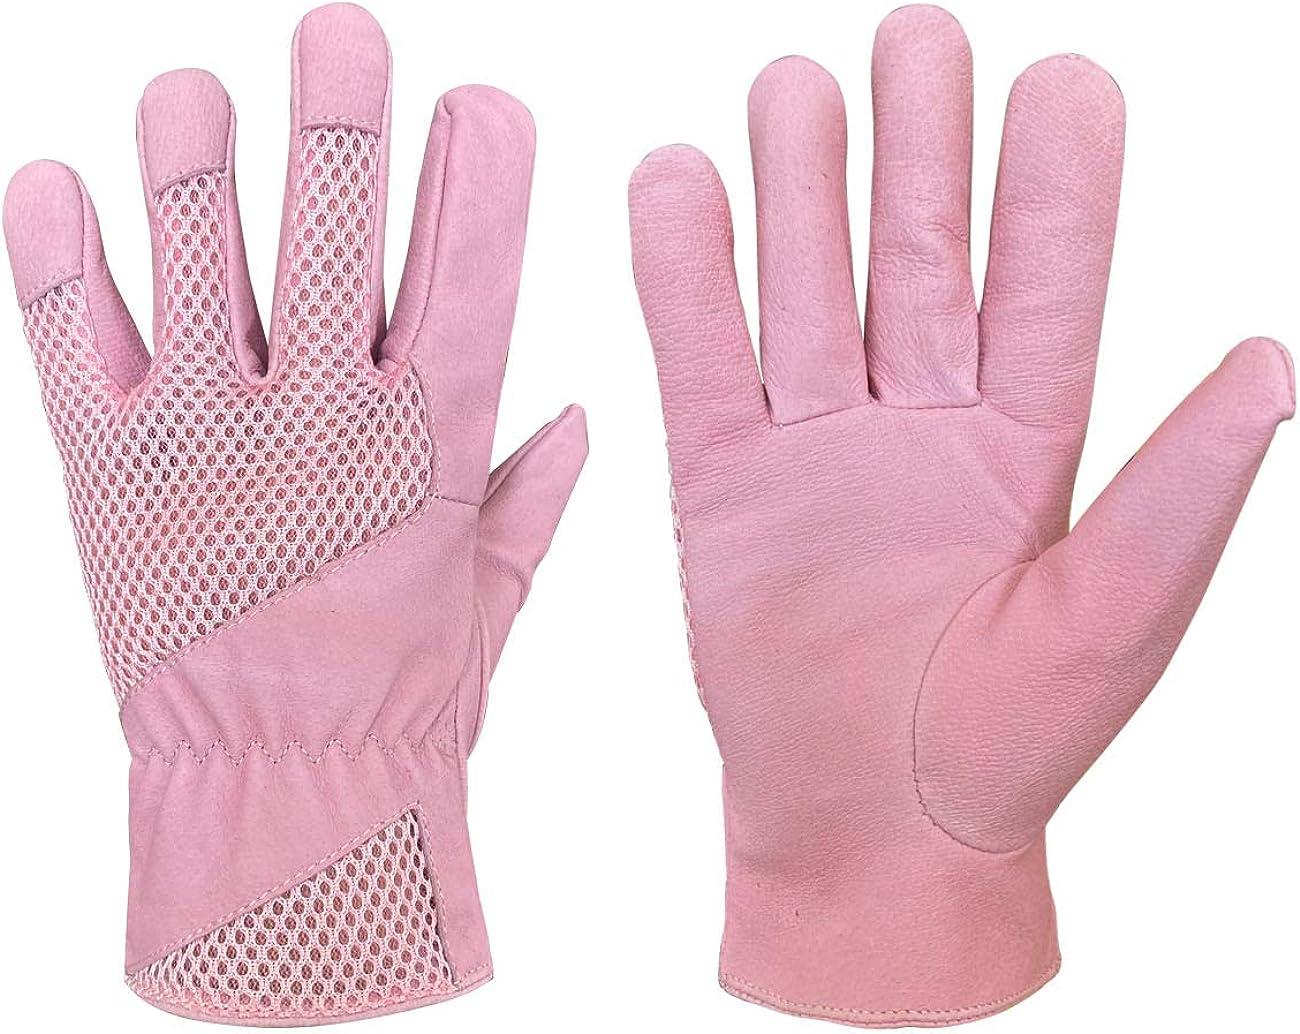 Leather Gardening Gloves for Women, Pigskin Scratch Resistance Garden Yard Gloves